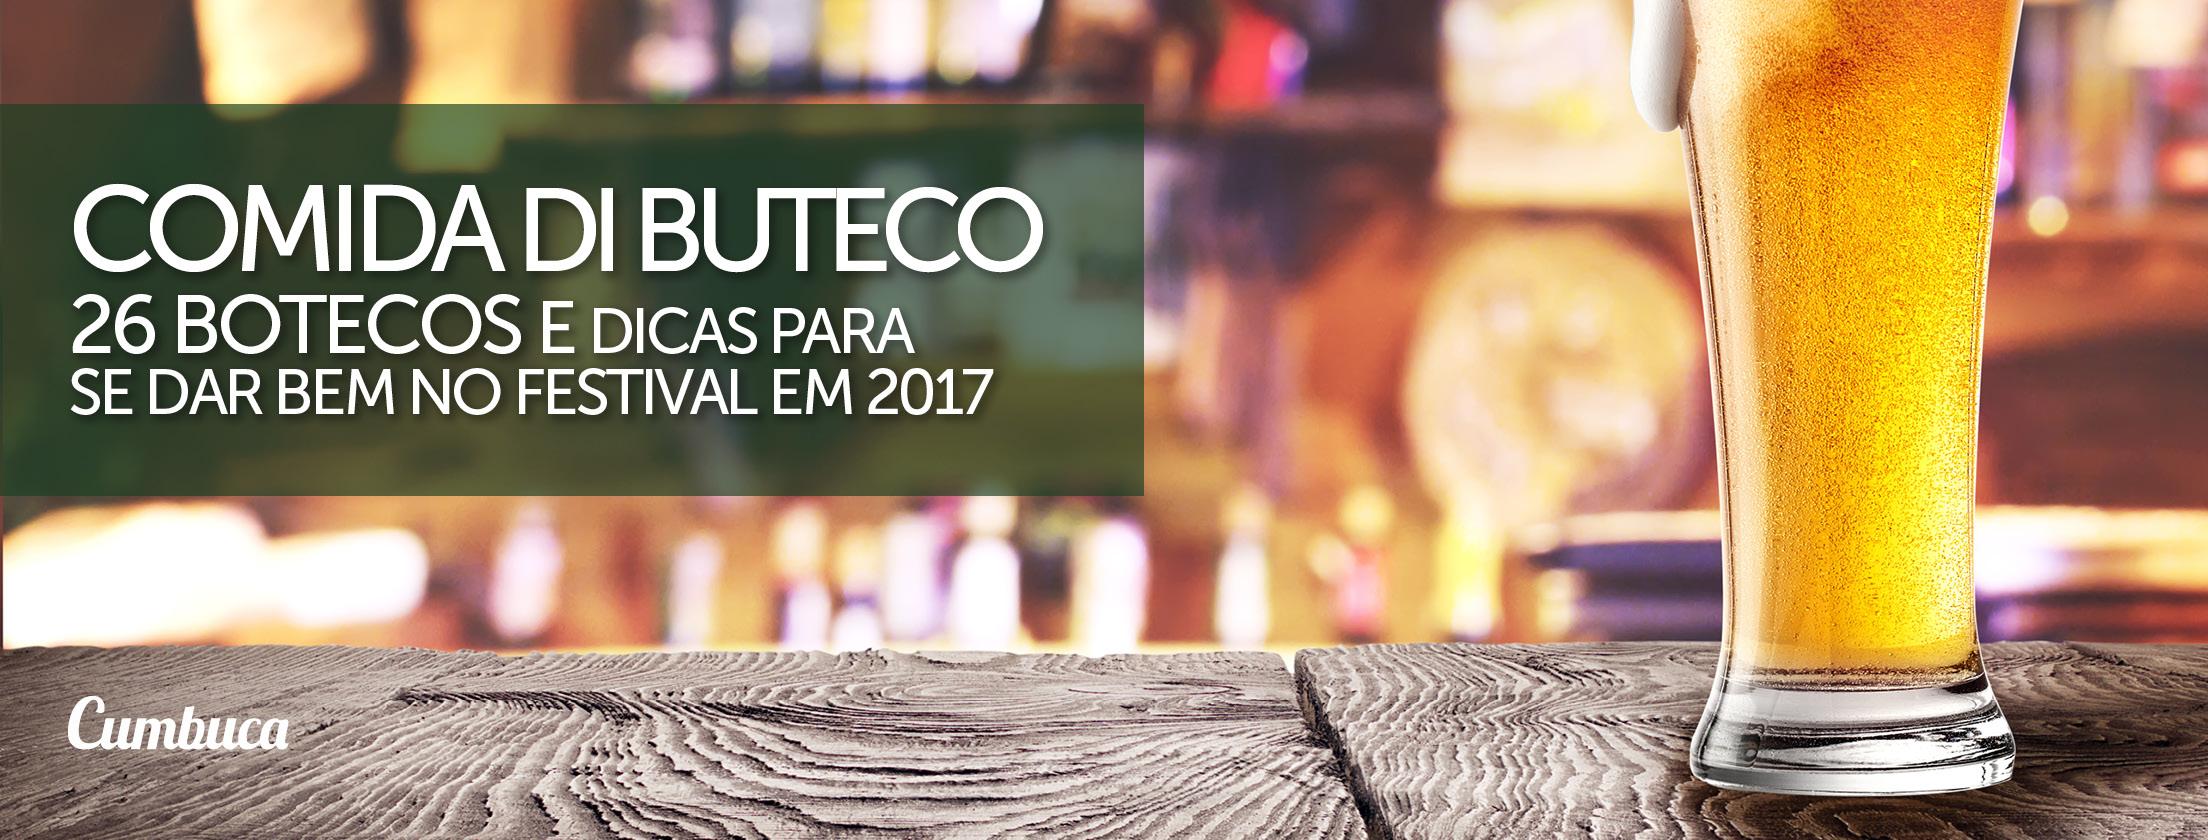 Comida di Buteco 2017 - Todos os Bares e Botecos